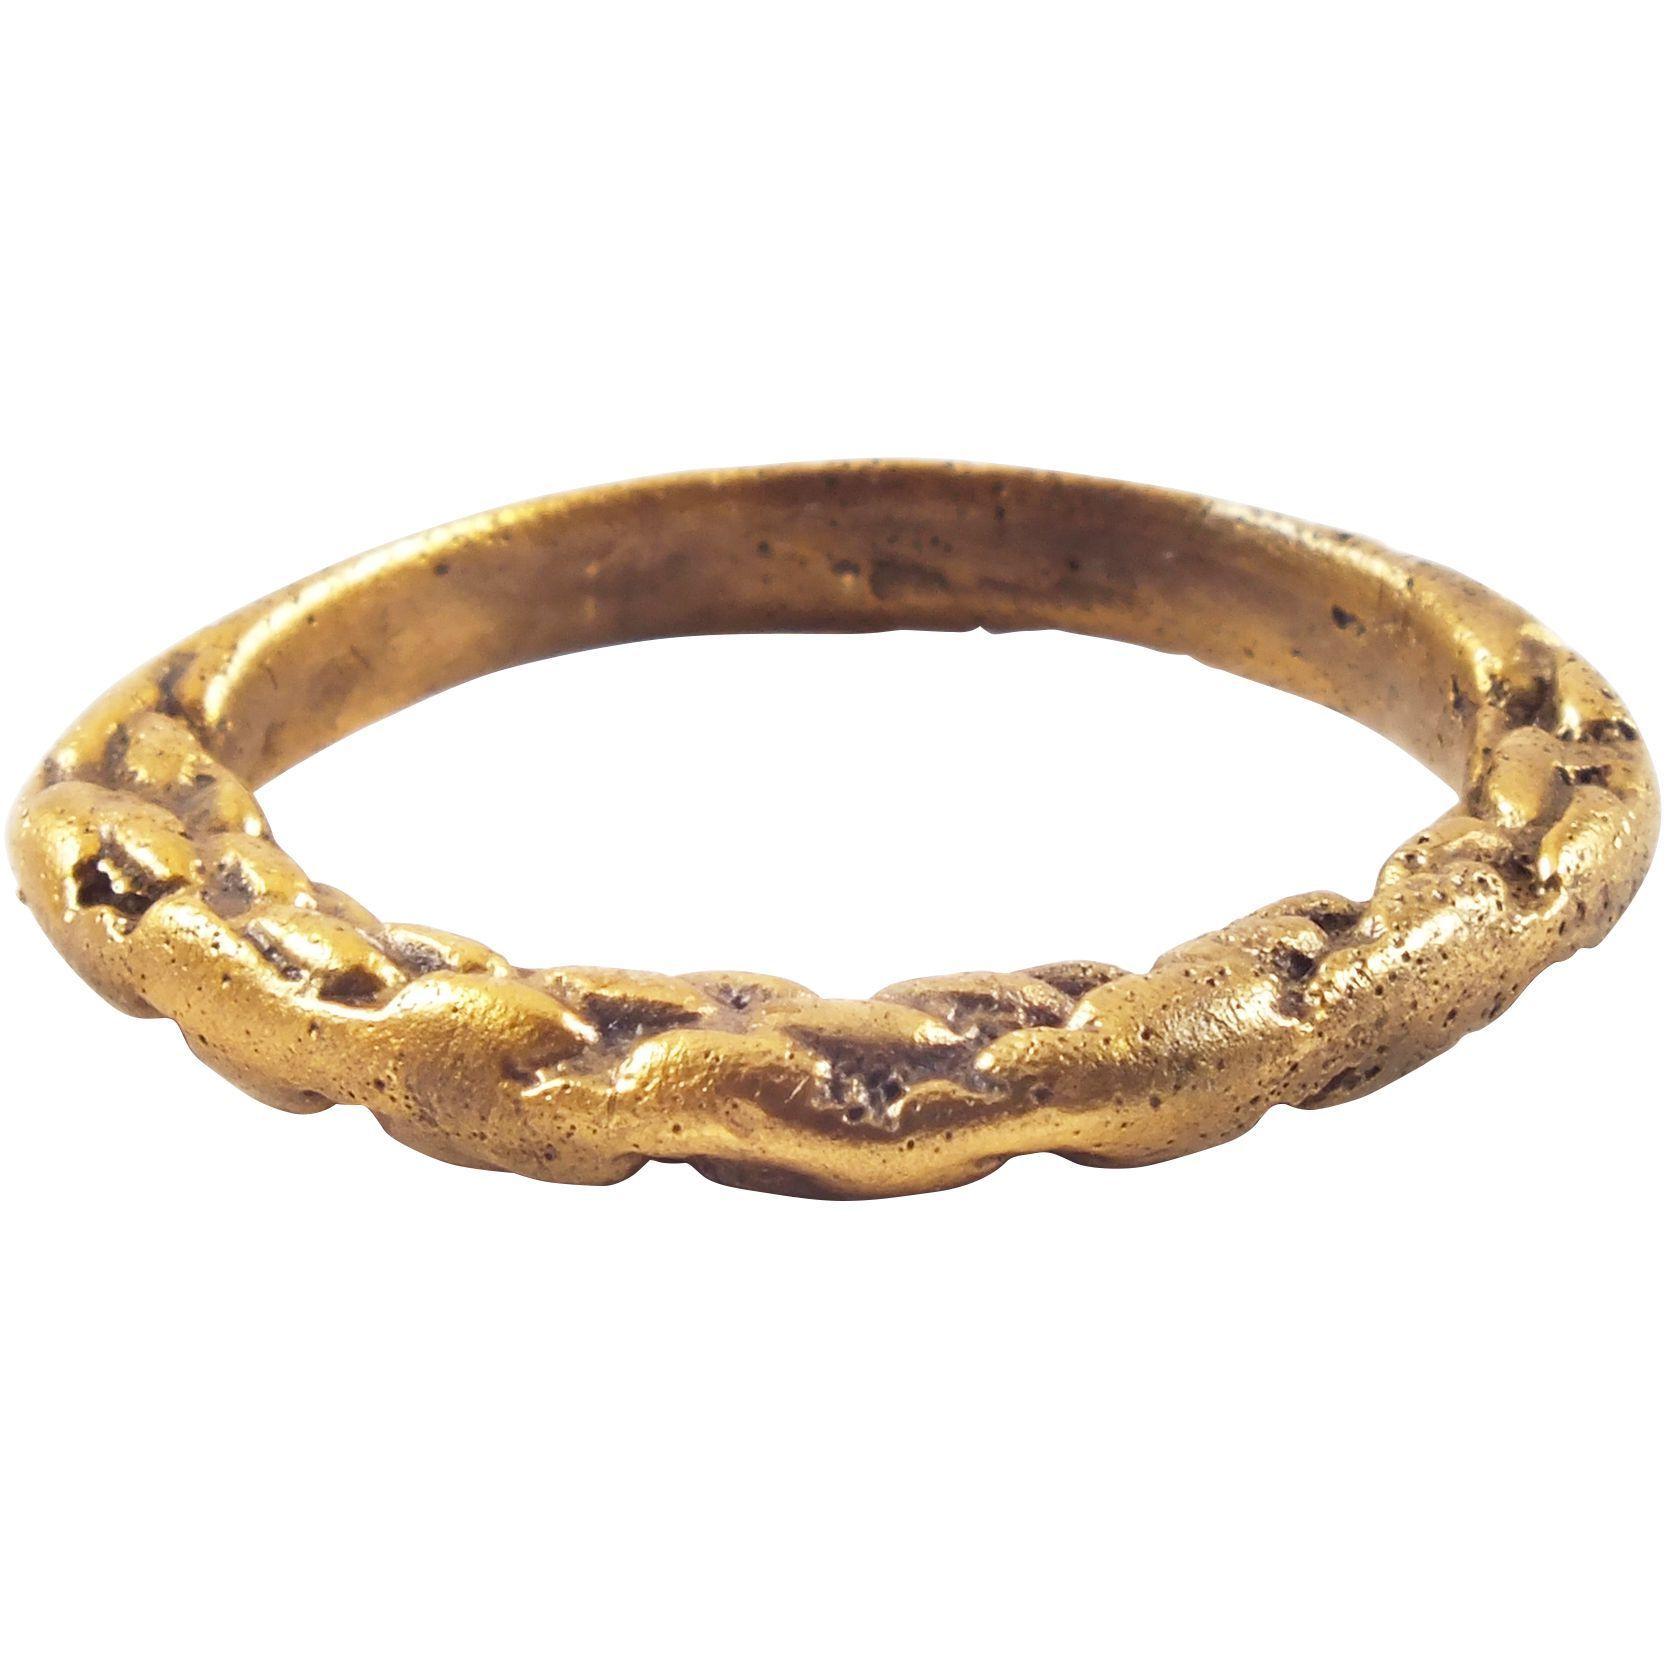 VIKING TWISTED MOTIF RING 8501050 AD Viking wedding